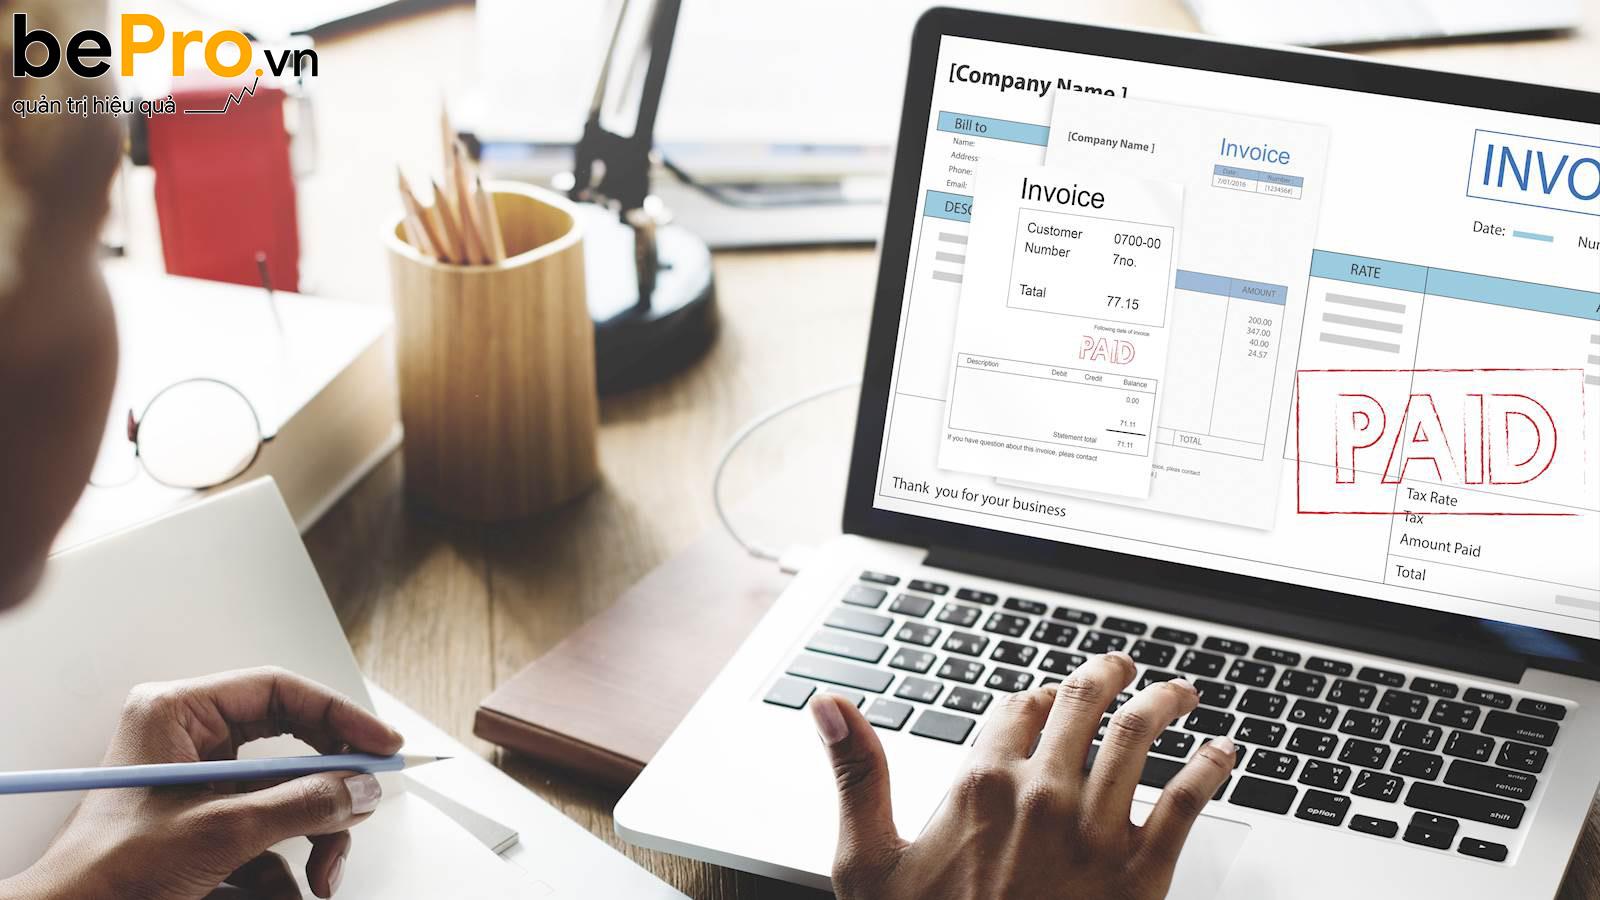 Nộp tờ khai thuế qua mạng và những điều cần lưu ý